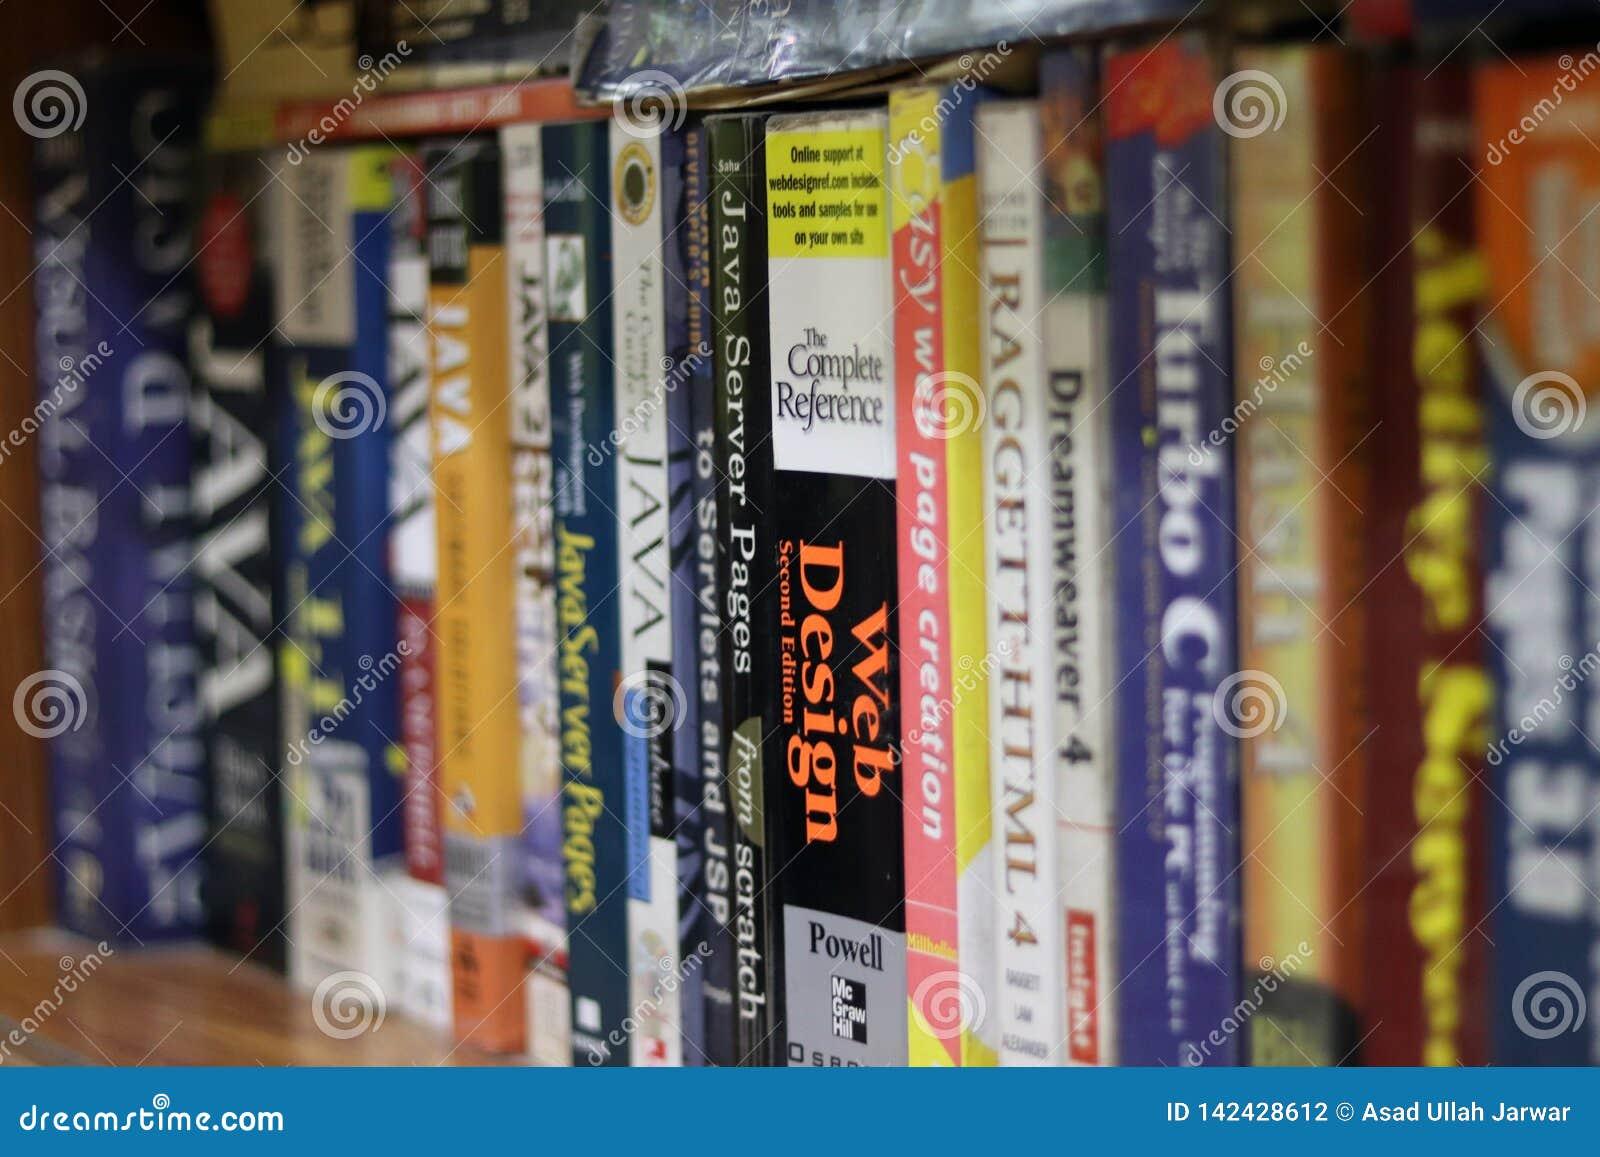 Komputer książki w półce